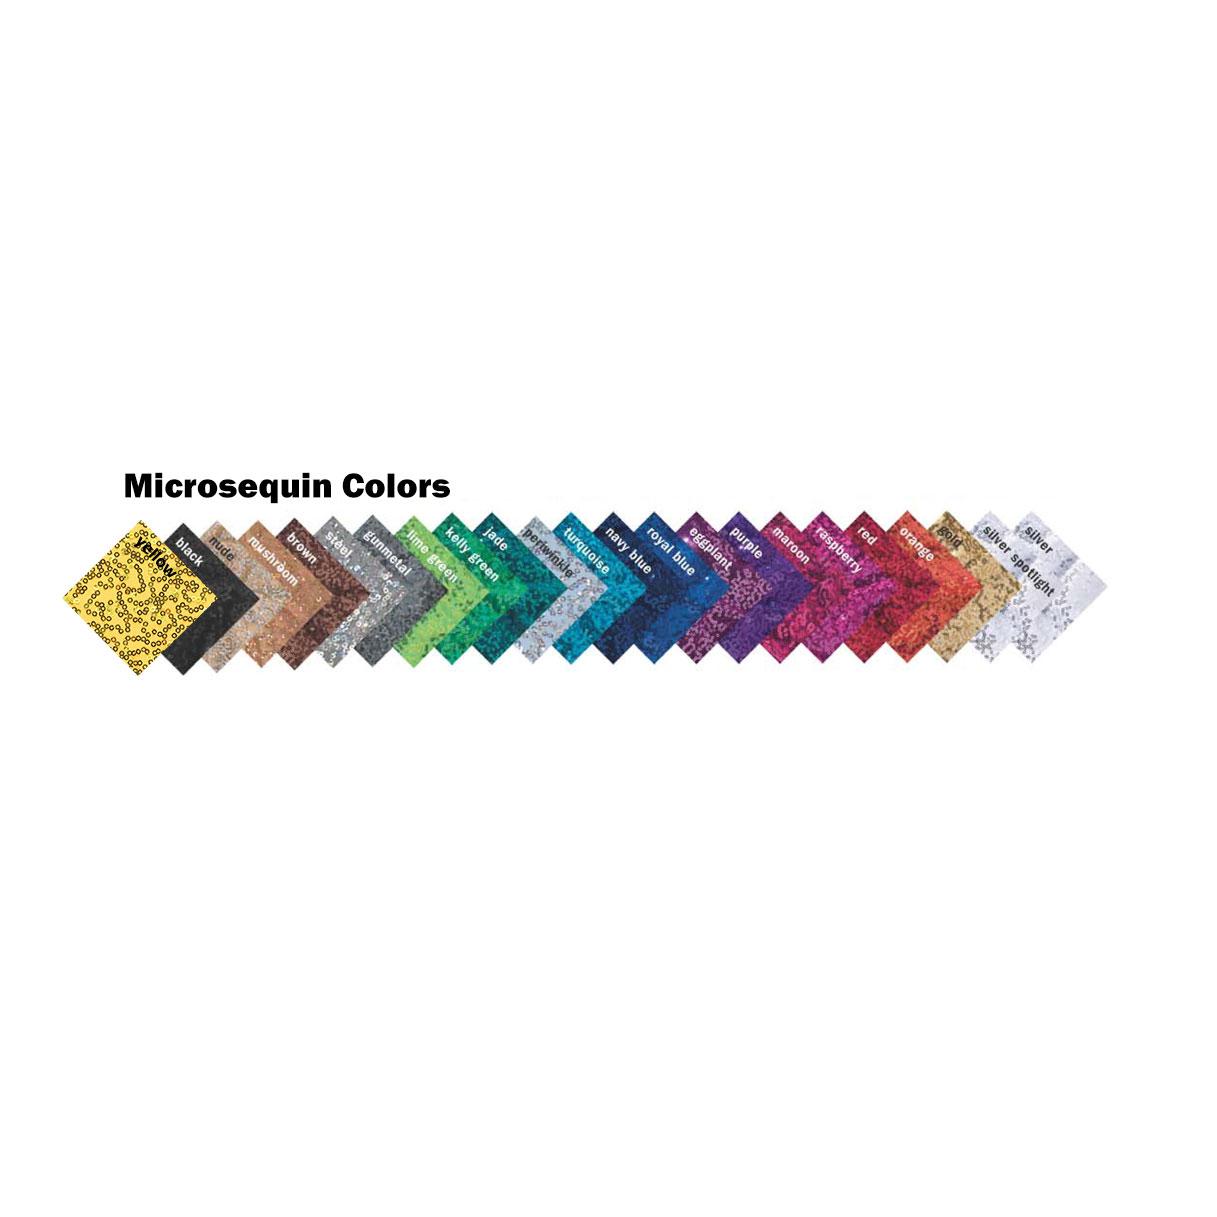 Fabric: Microsequin